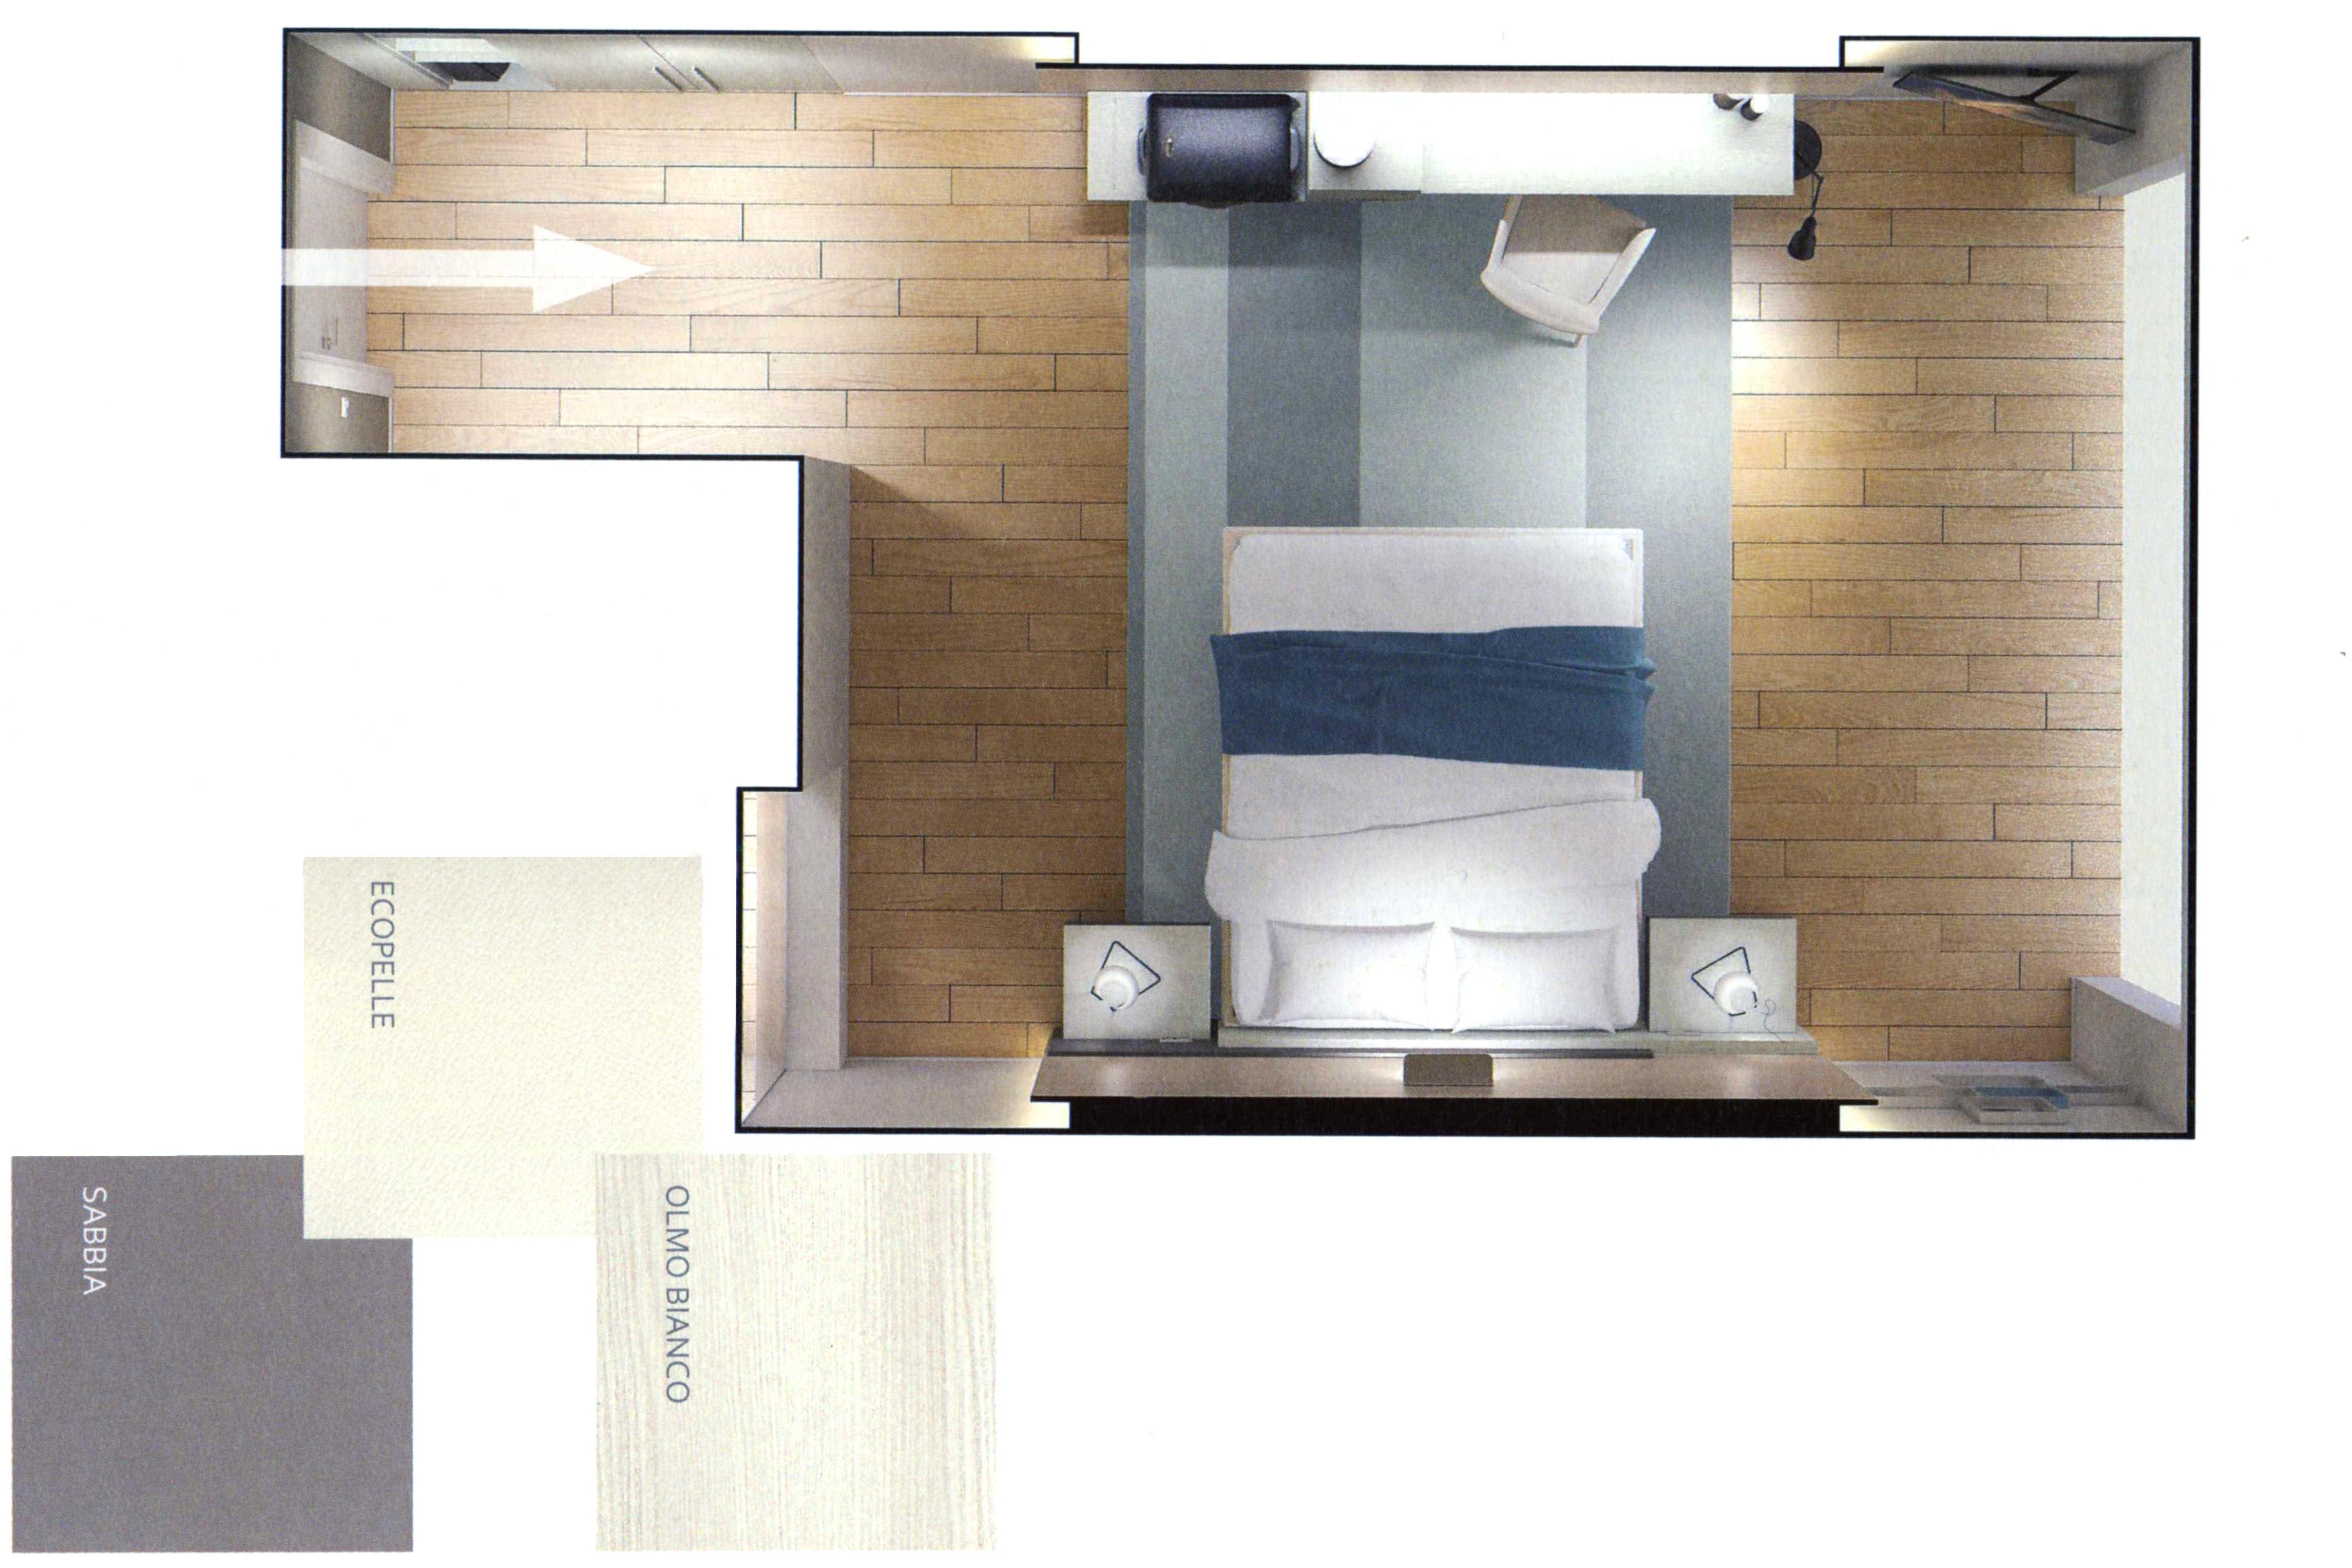 Affidarsi ad un architetto d 39 interni arredatore o for Architetto d interni